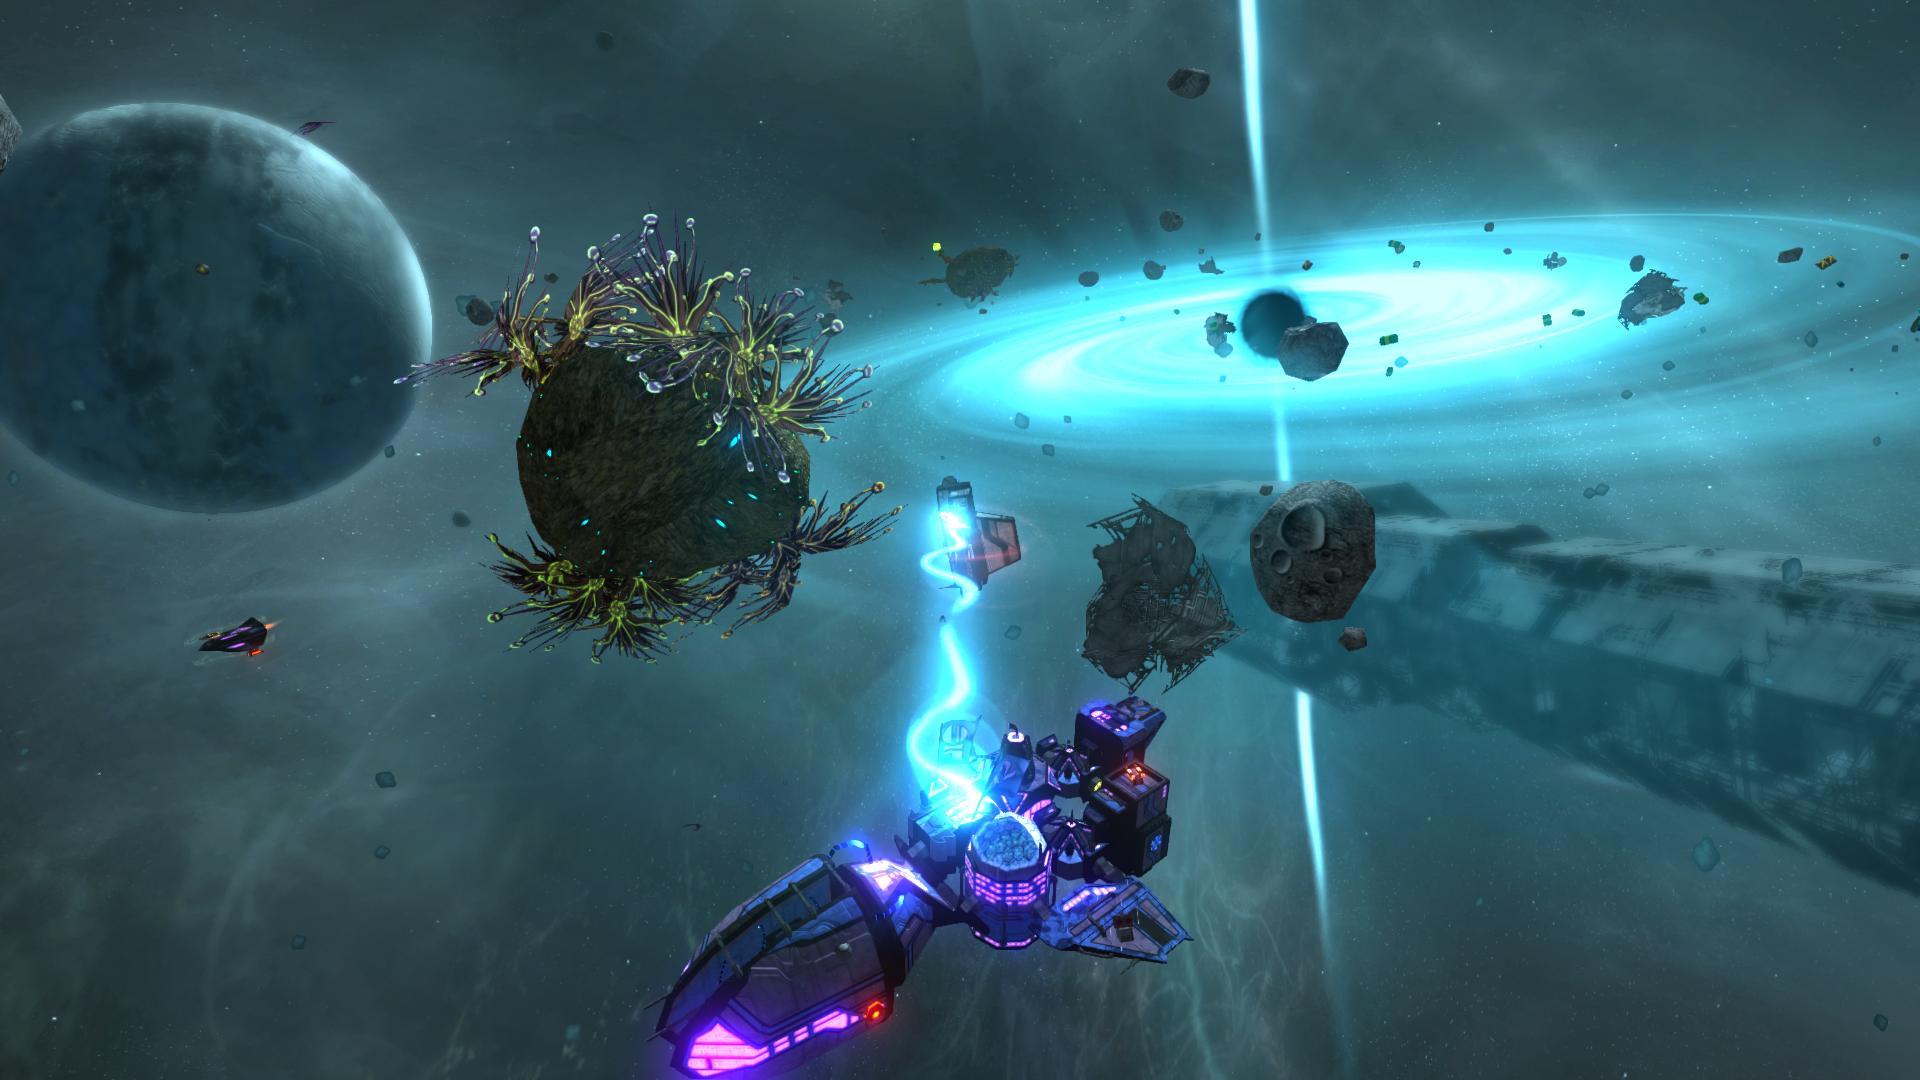 Hier zieht der Spieler mit dem Traktostrahl eine Komponente an sein Schiff. Anders als im ersten Teil sind die Schiffe des zweiten Teils nicht vorgefertigt sondern Modular! Der Spieler wird viele Freiheiten haben sein Traumschiff zu bauen und kann sogar die Farbe der Lichter bestimmen.